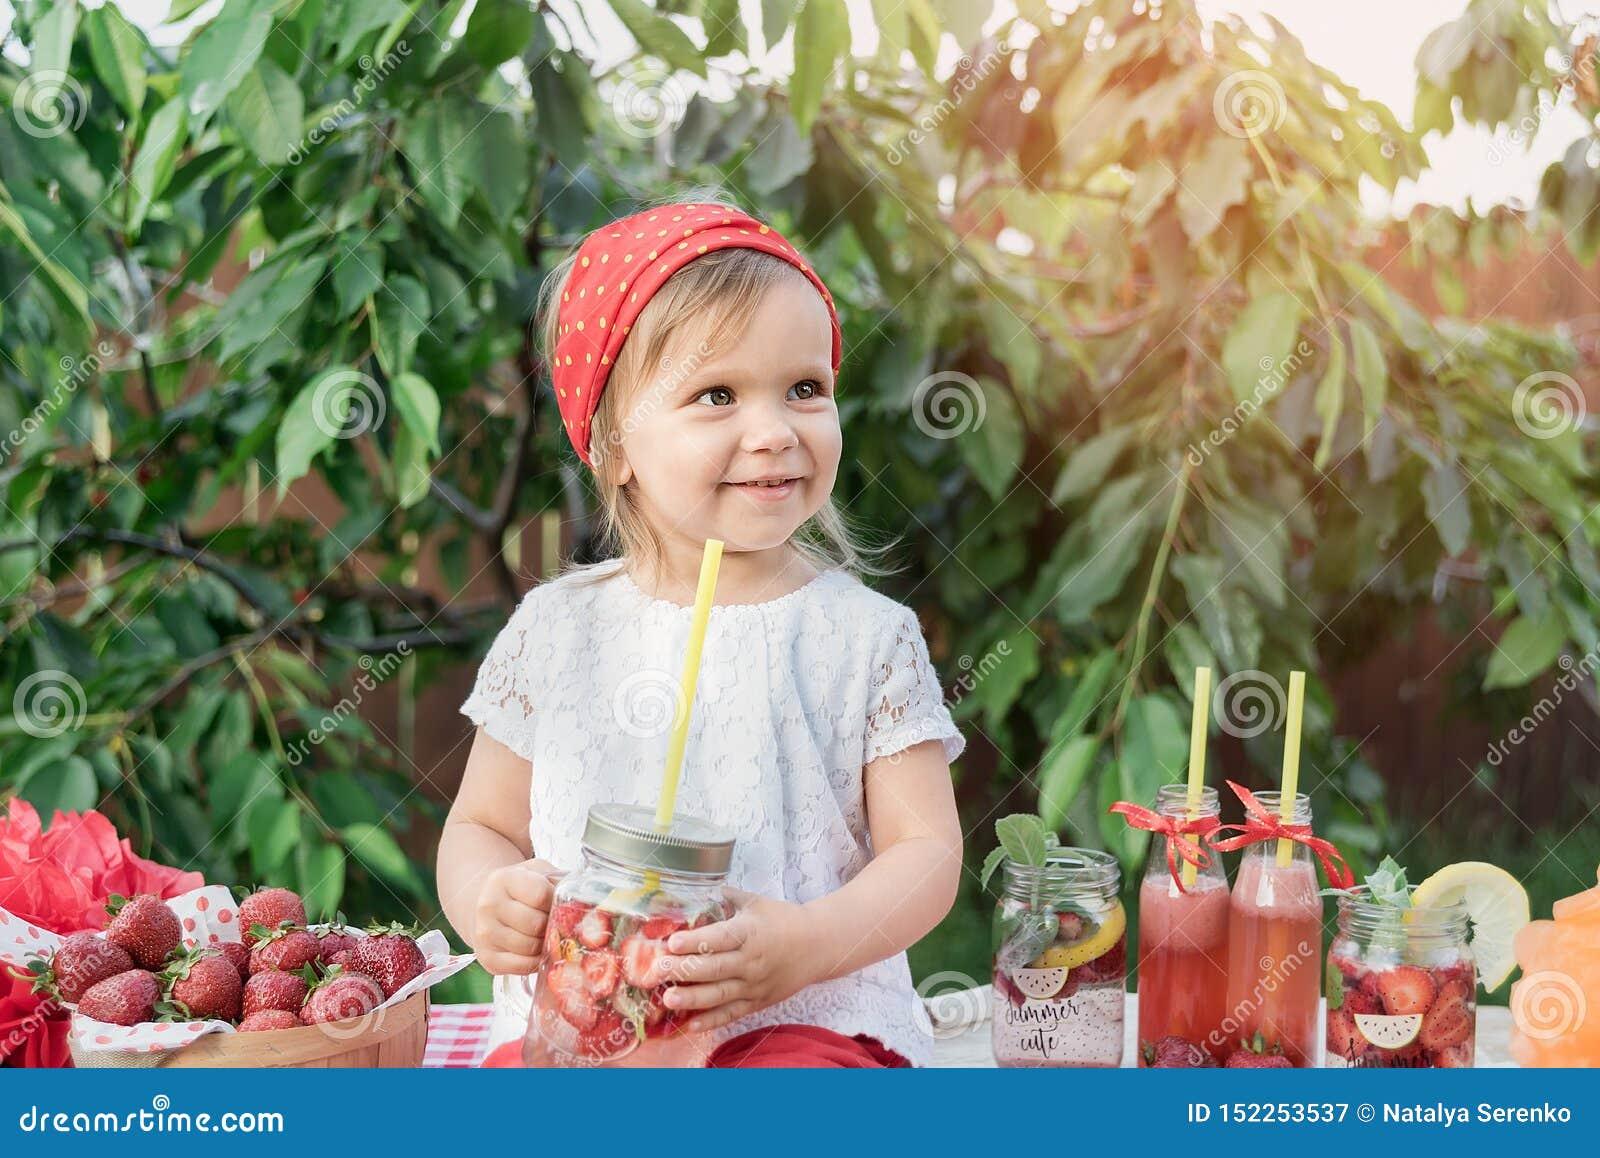 Jordgubben och mintkaramellen ingav detoxvatten jordgubbelemonad med is och mintkaramellen som den förnyande drinken för sommar i